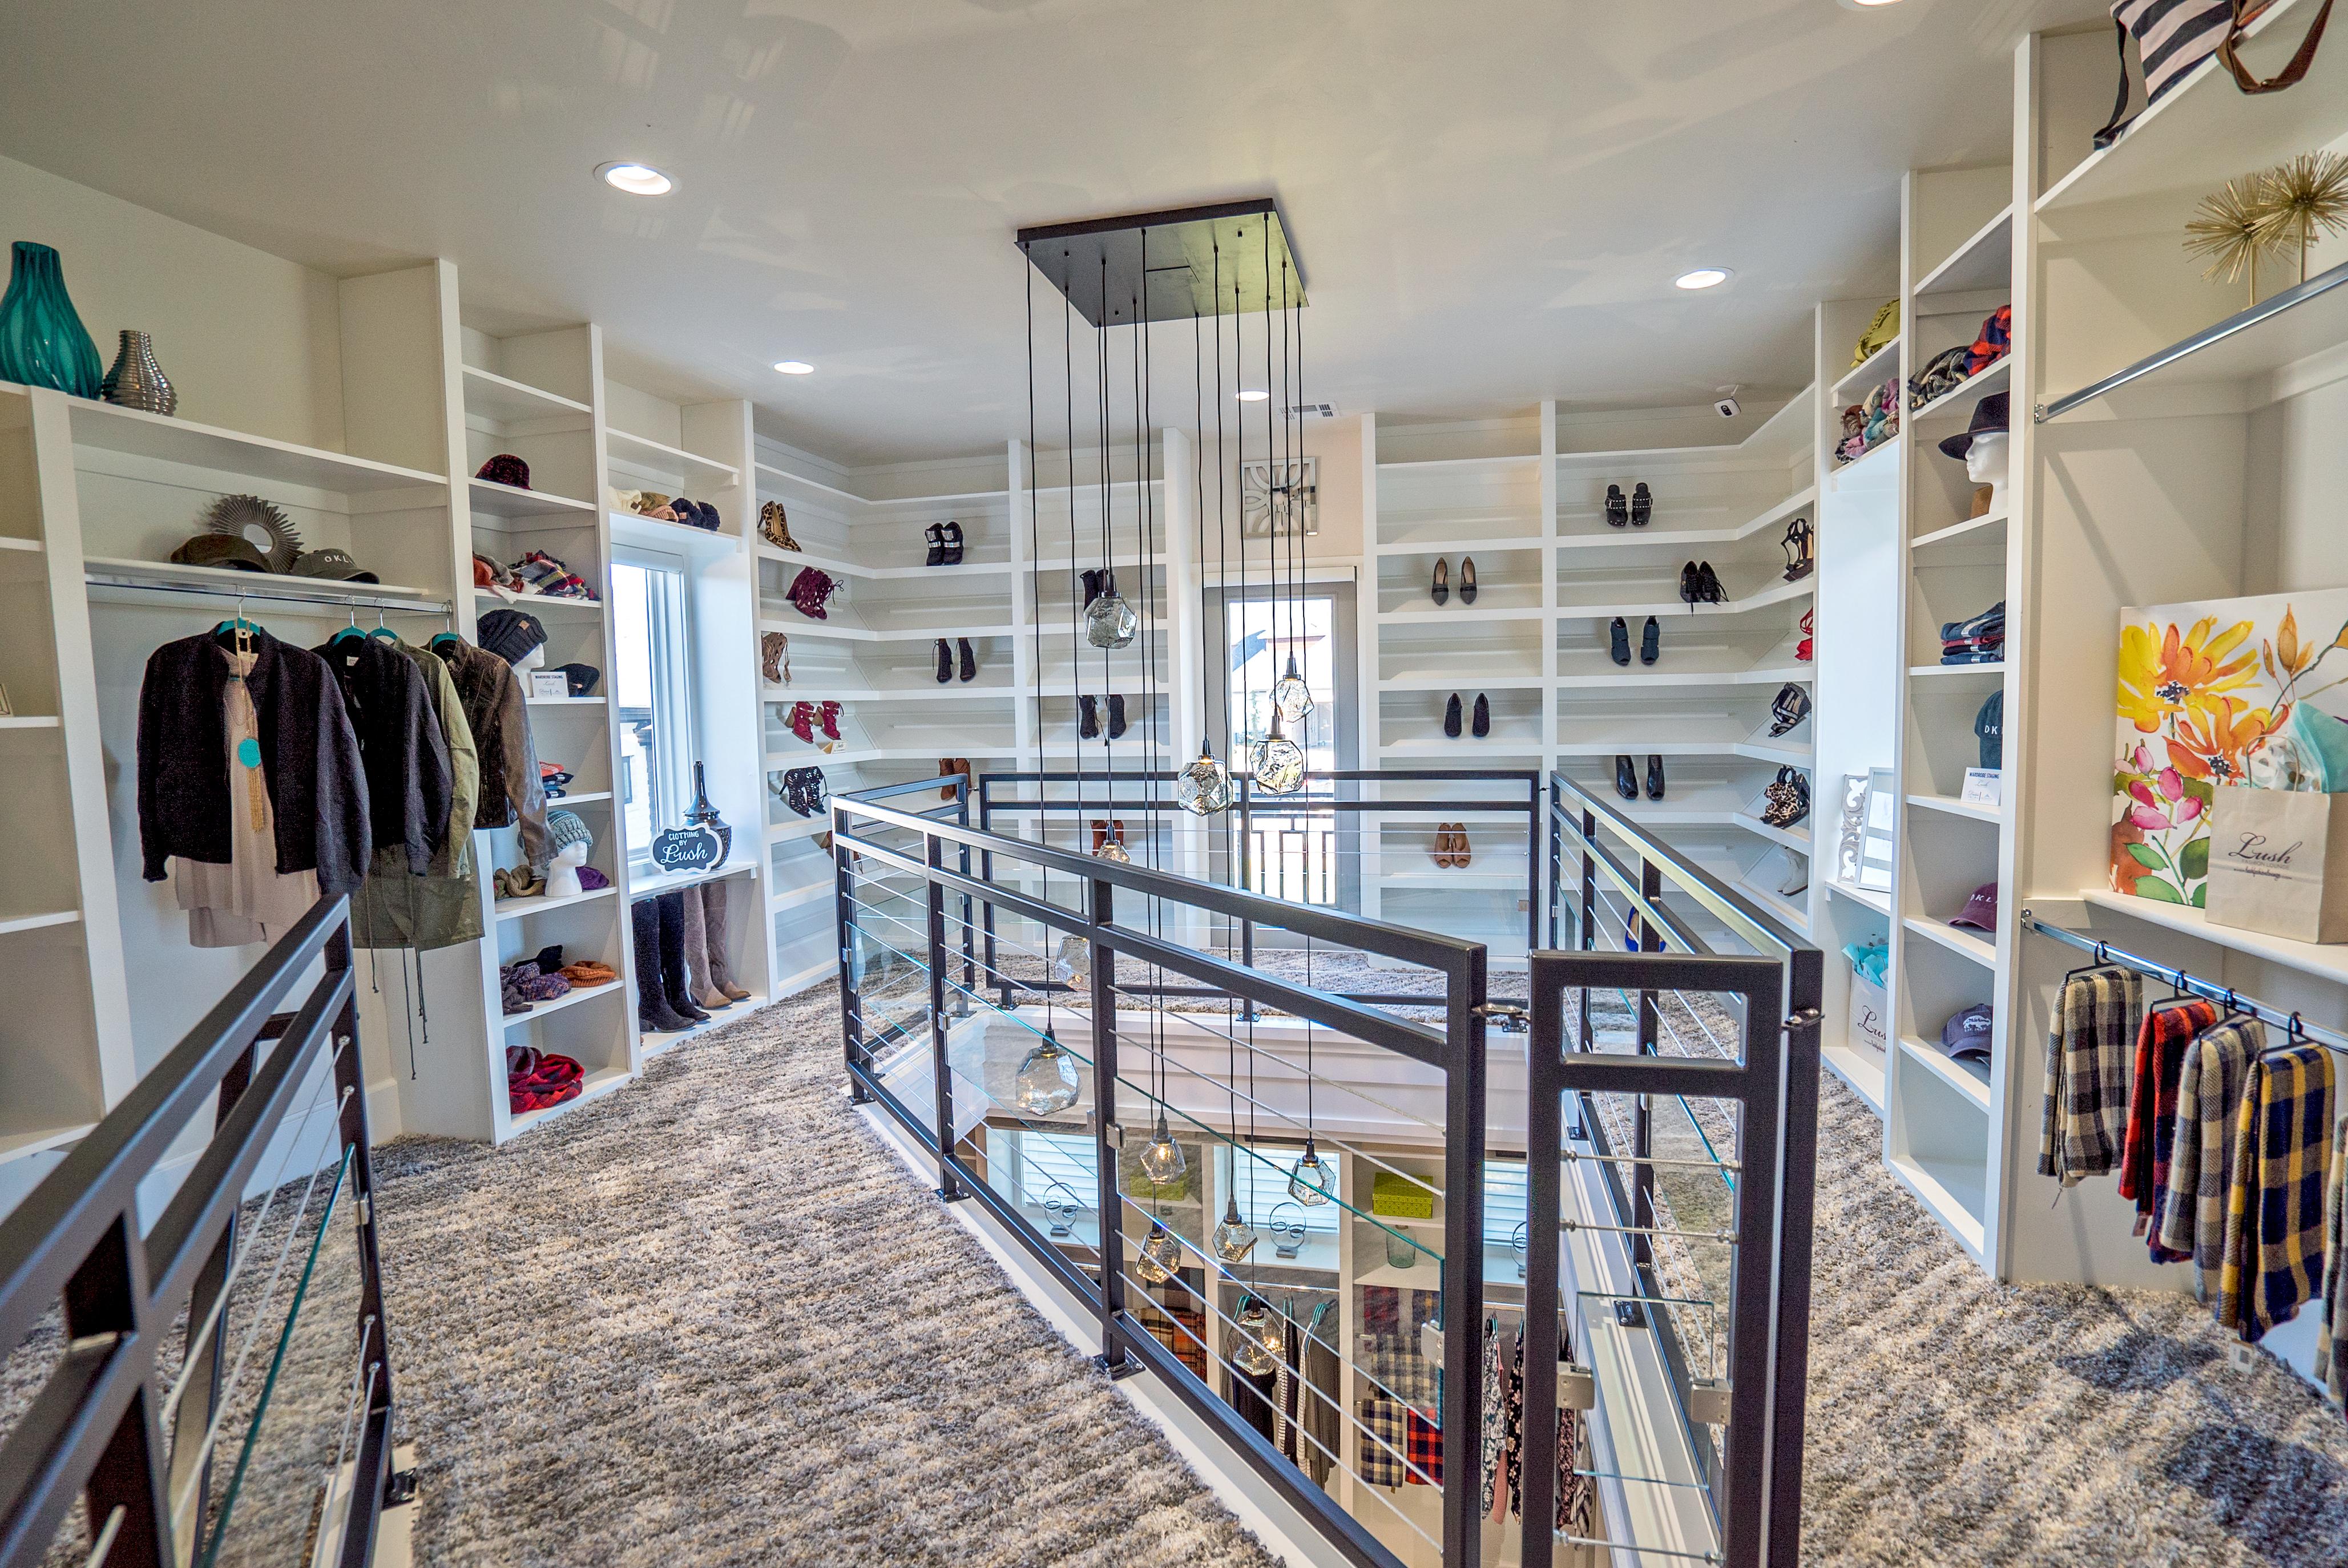 SOD 2018 Master Closet - 2nd floor